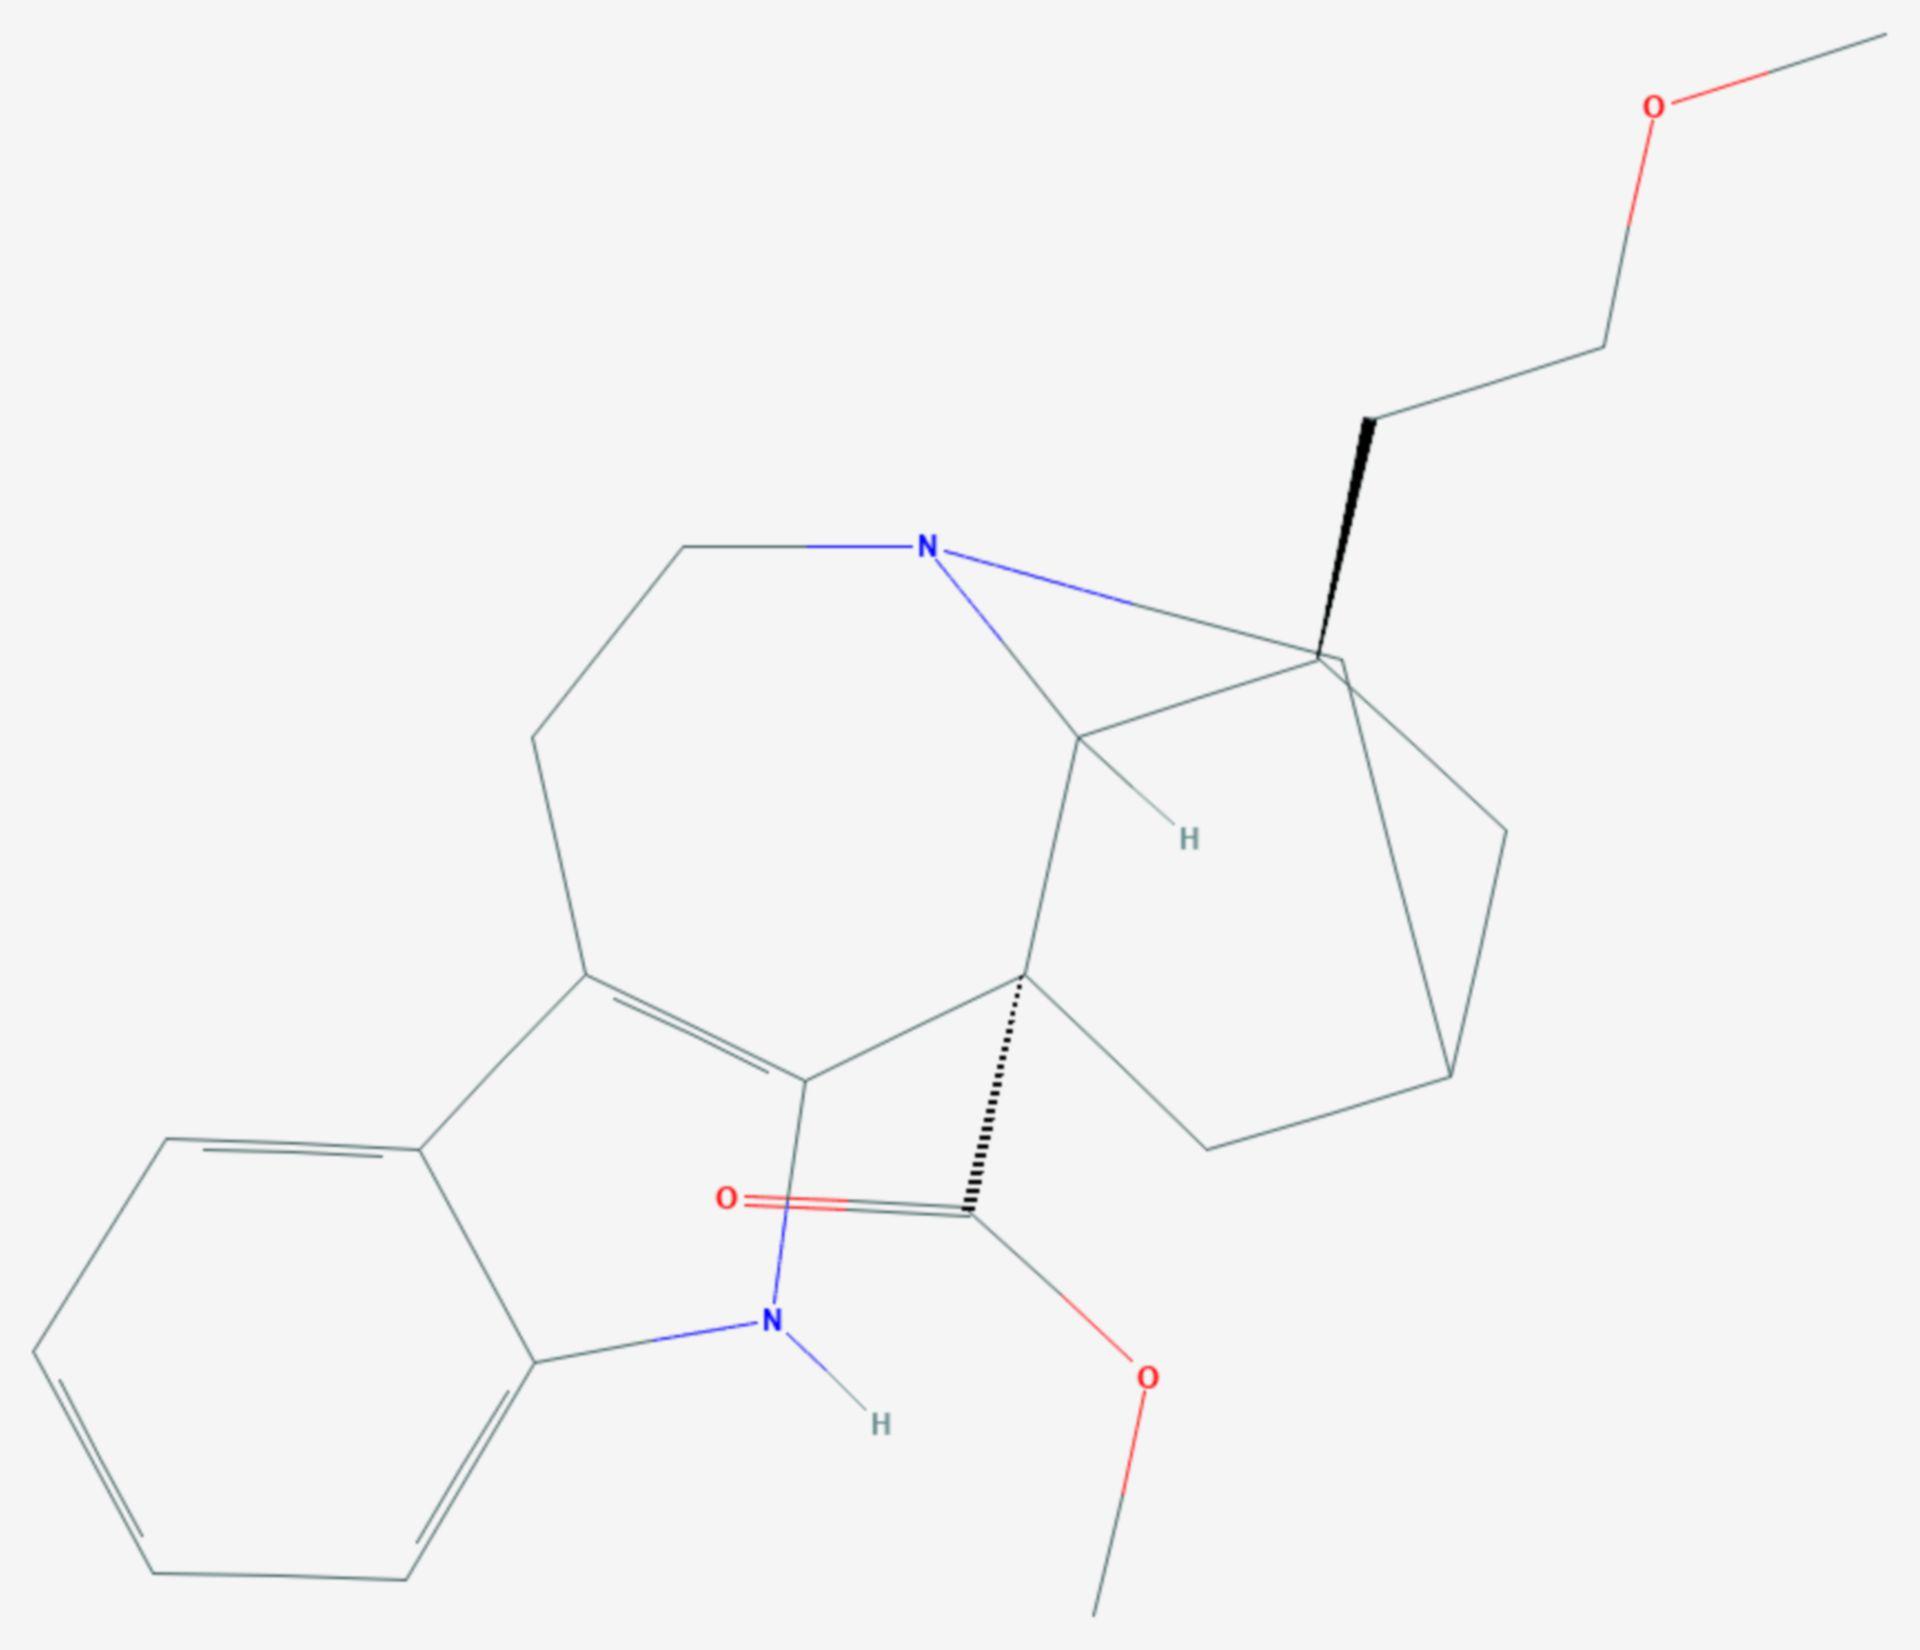 18-Methoxycoronaridin (Strukturformel)